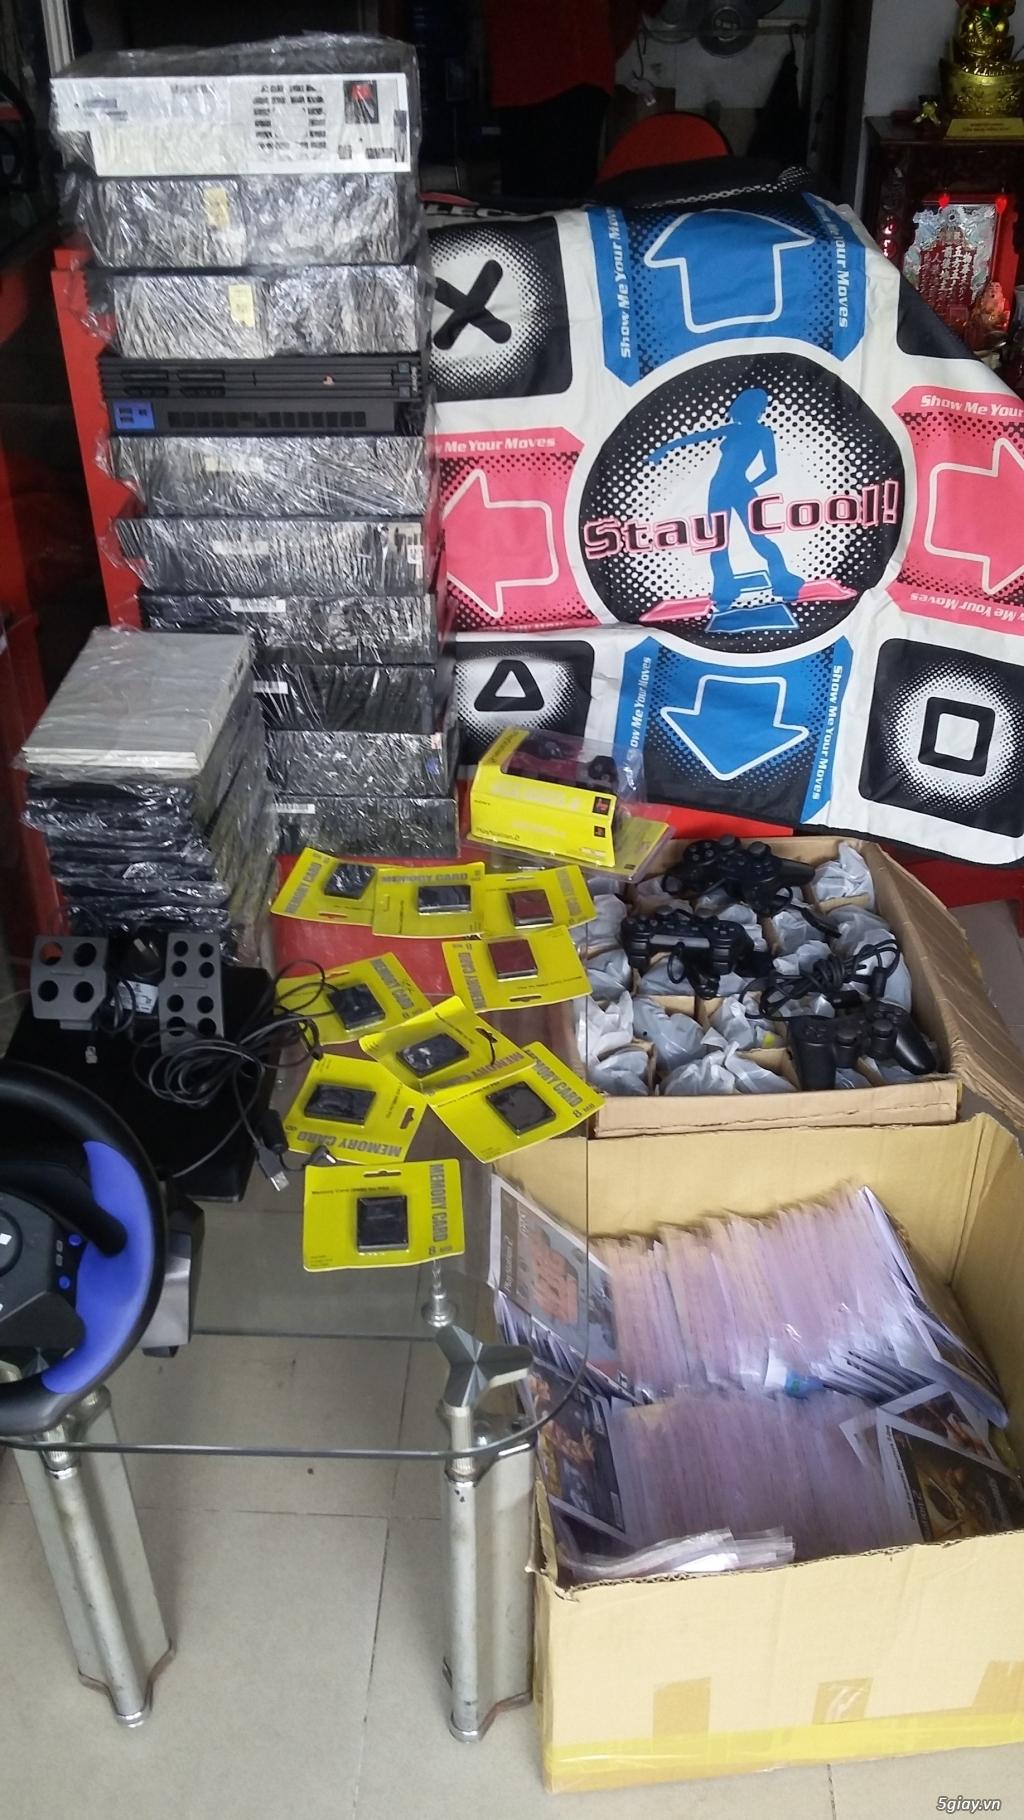 ShopPHUOCLOI: Chuyên mua bán máy game : PS4,PS3,PS2,PS VITA,PSP,XBOX,NINTENDO NEW 2DS ,3DS - 2